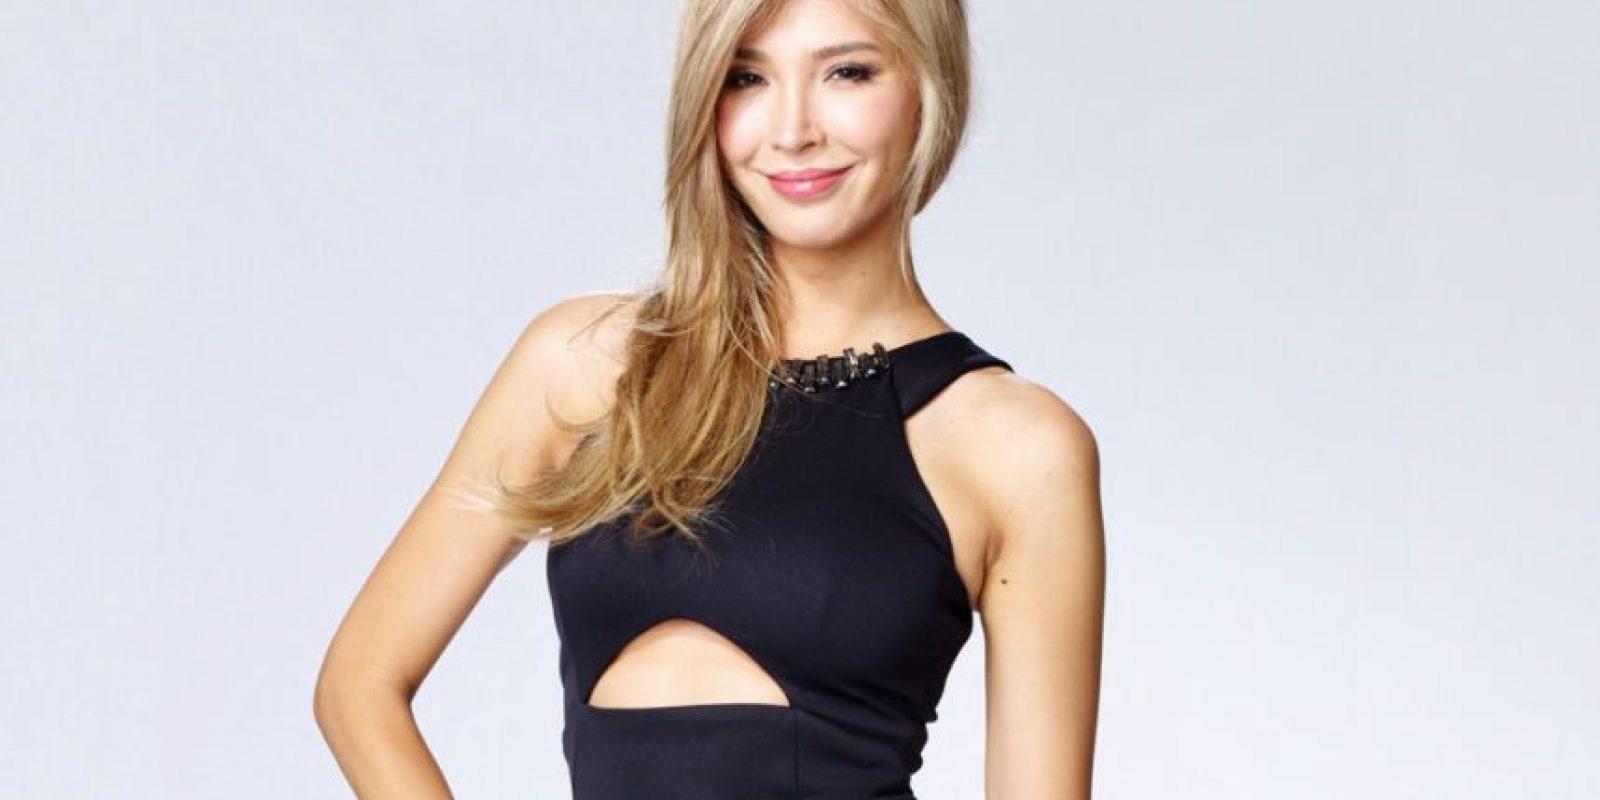 Jenna Talackova es modelo y presentadora canadiense. Fue la primera en participar en Miss Universo Canadá y ser discriminada por la organización. Foto:Getty Images